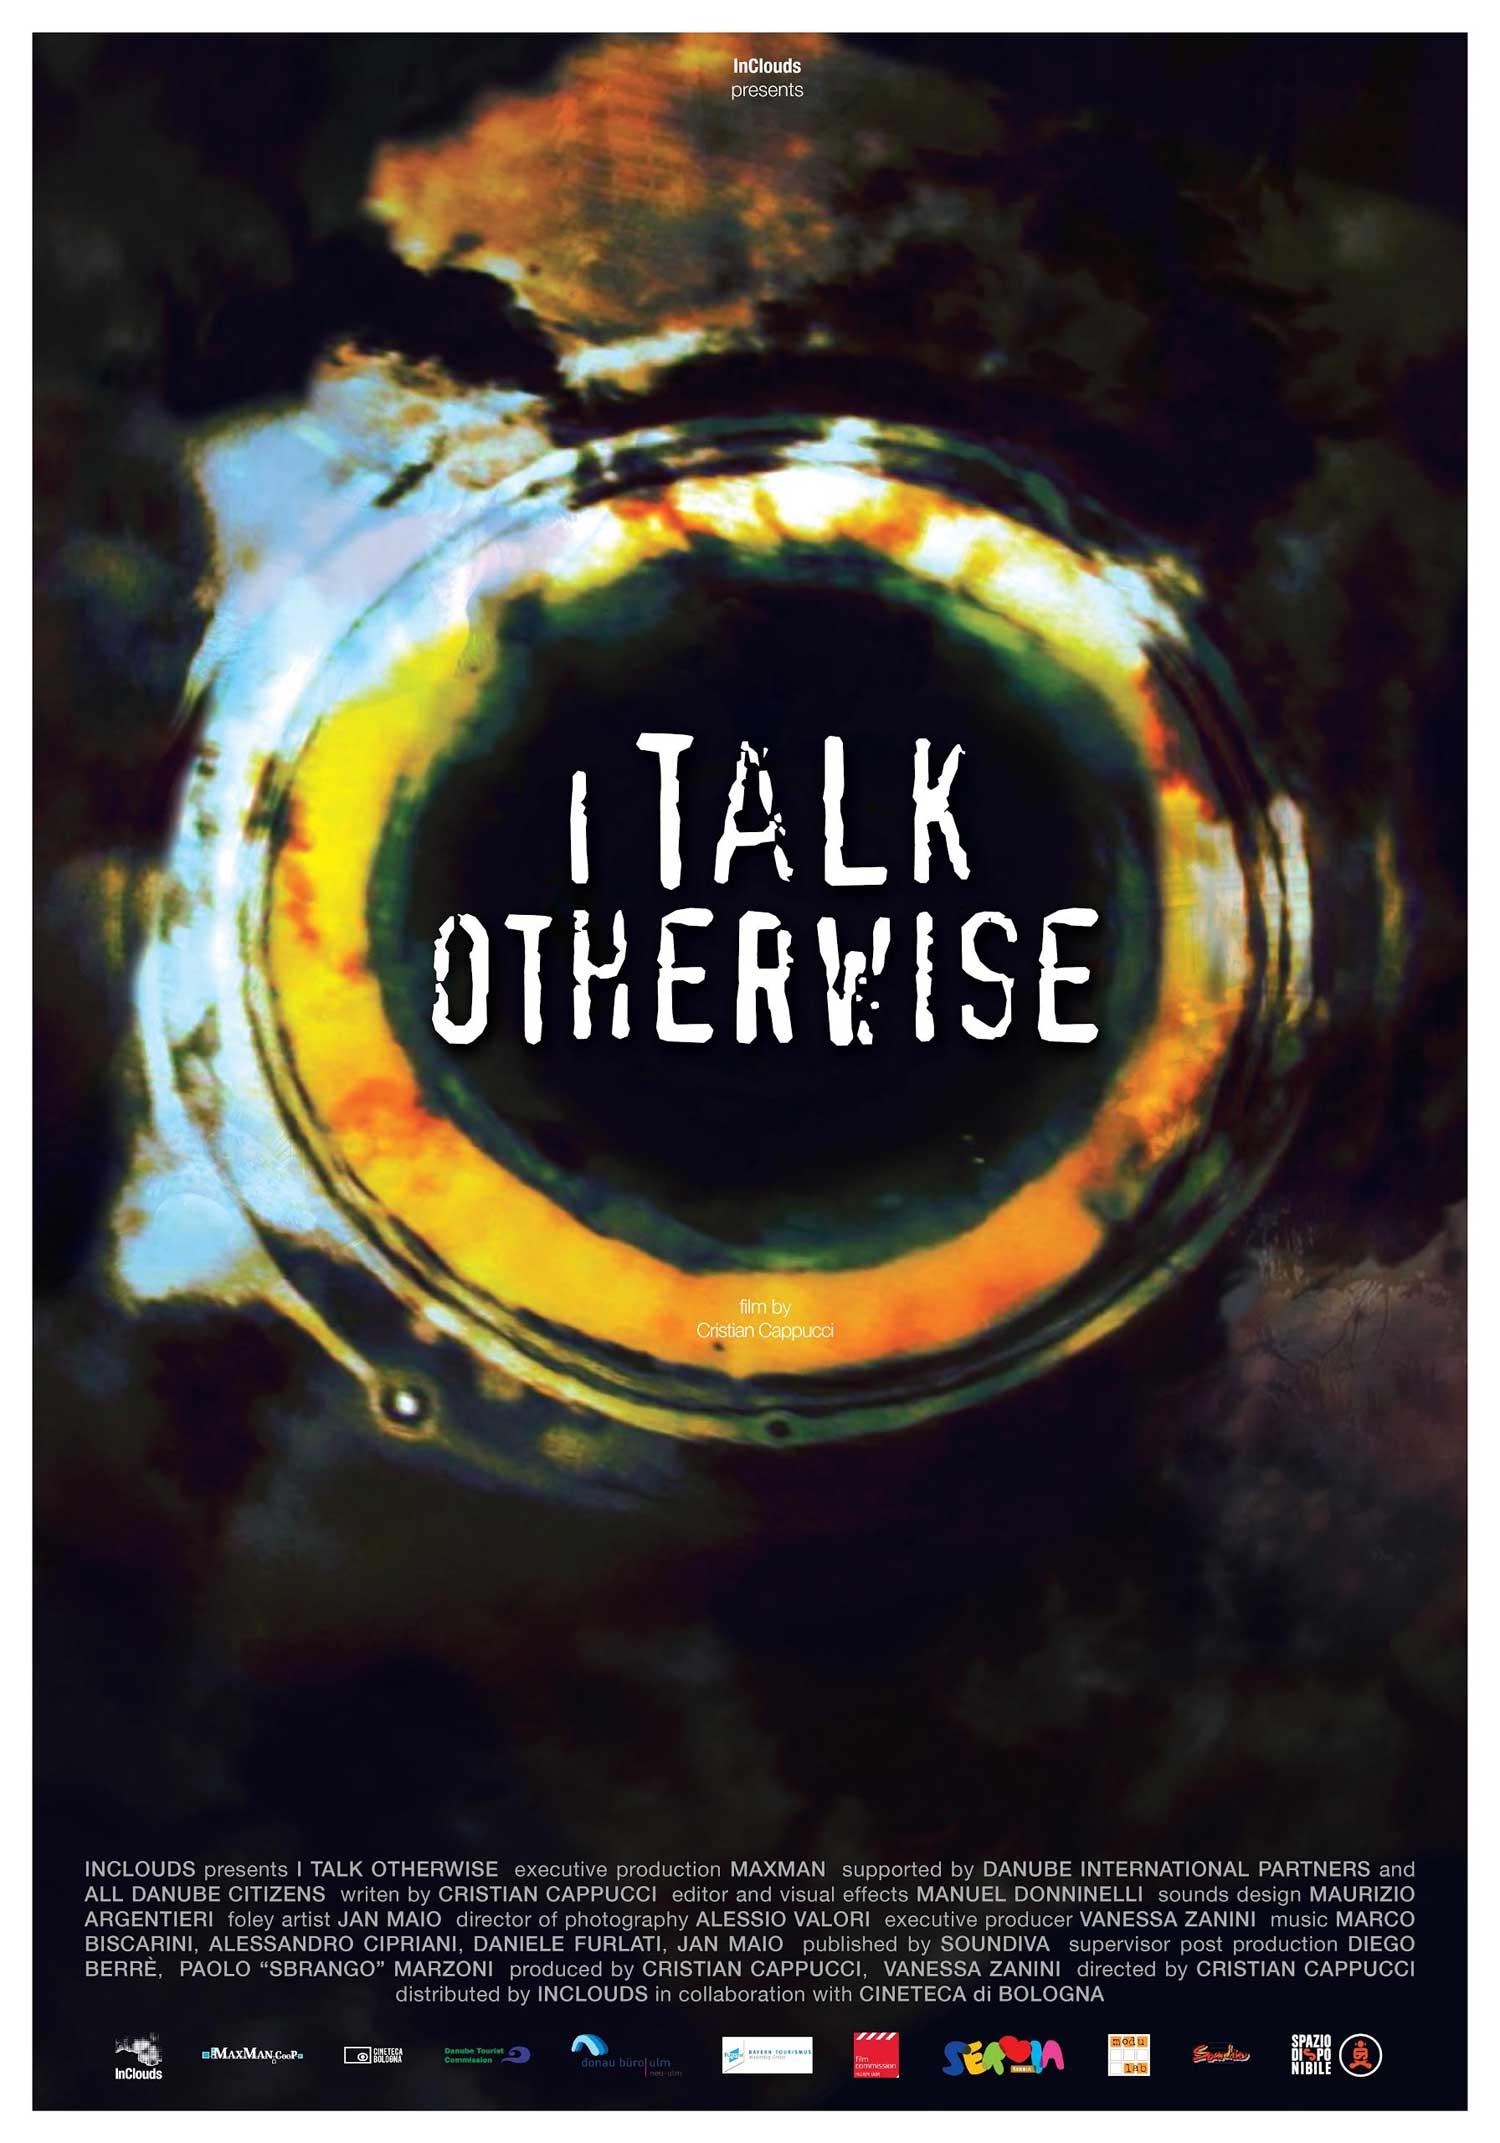 I TALK OTHERWISE - VIAGGIO SUL DANUBIO (CD+LIBRO+DVD) (DVD)